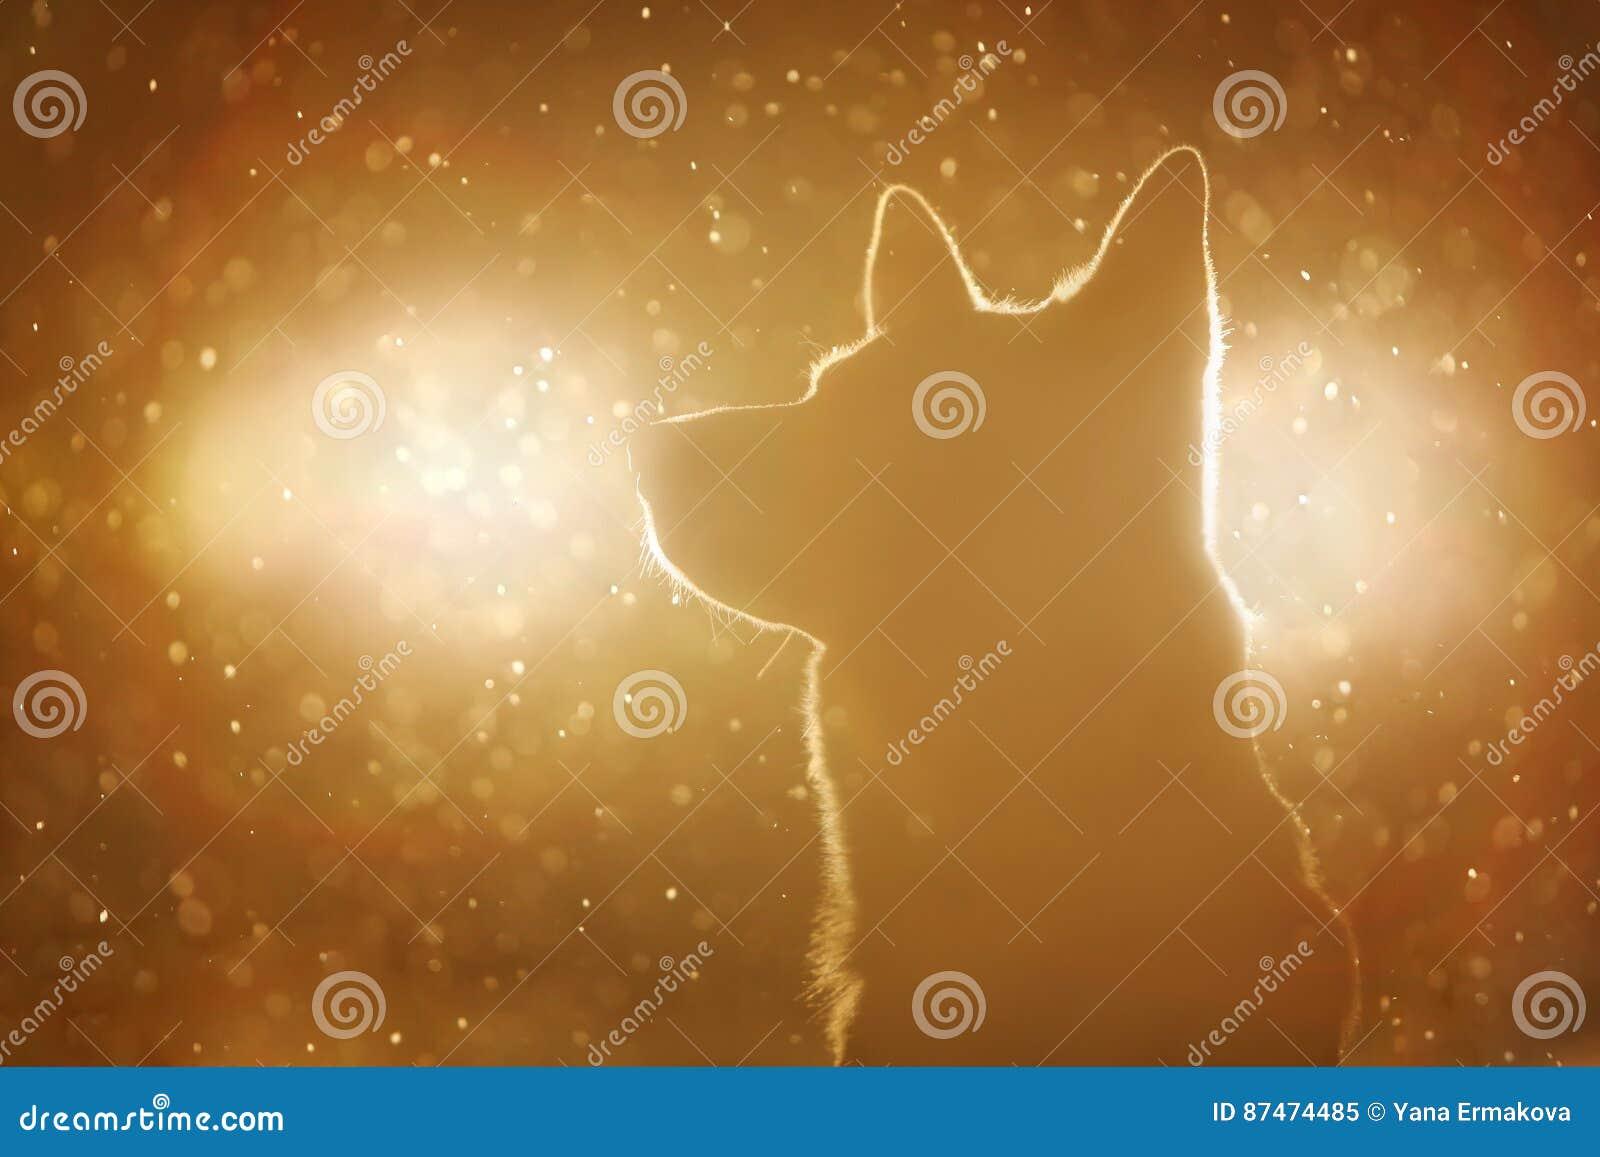 Psia sylwetka w reflektorach